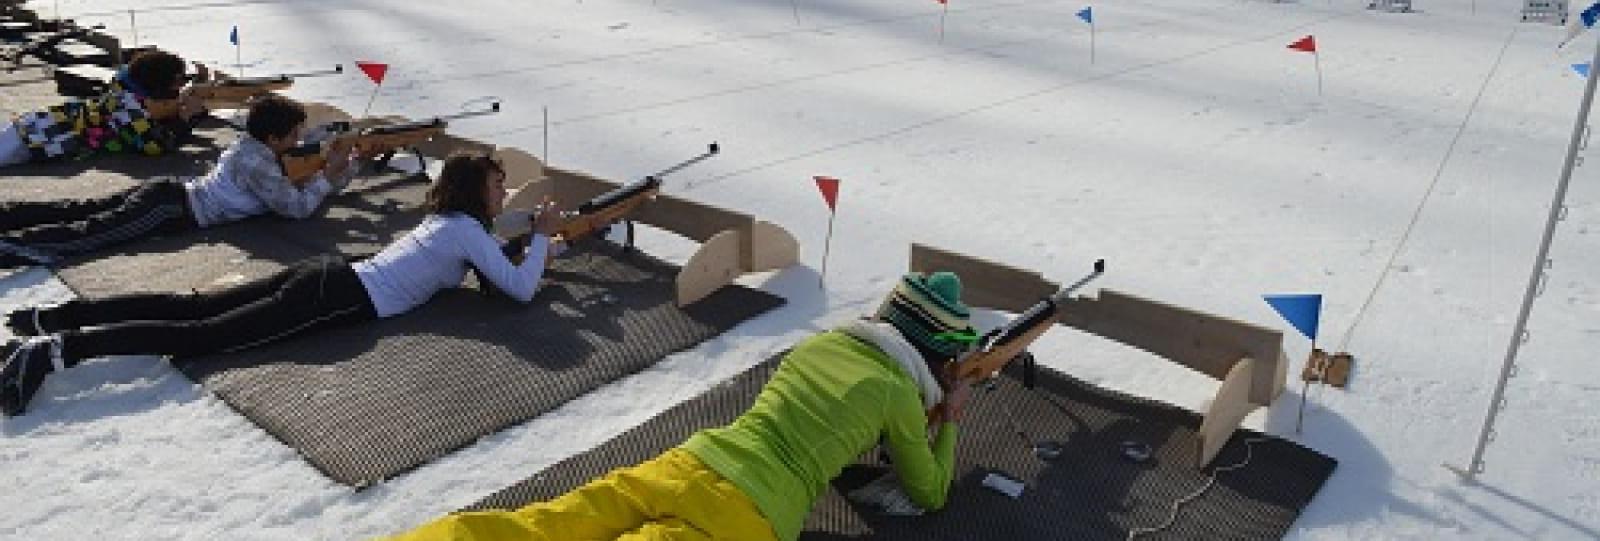 Découverte biathlon carabine lazer